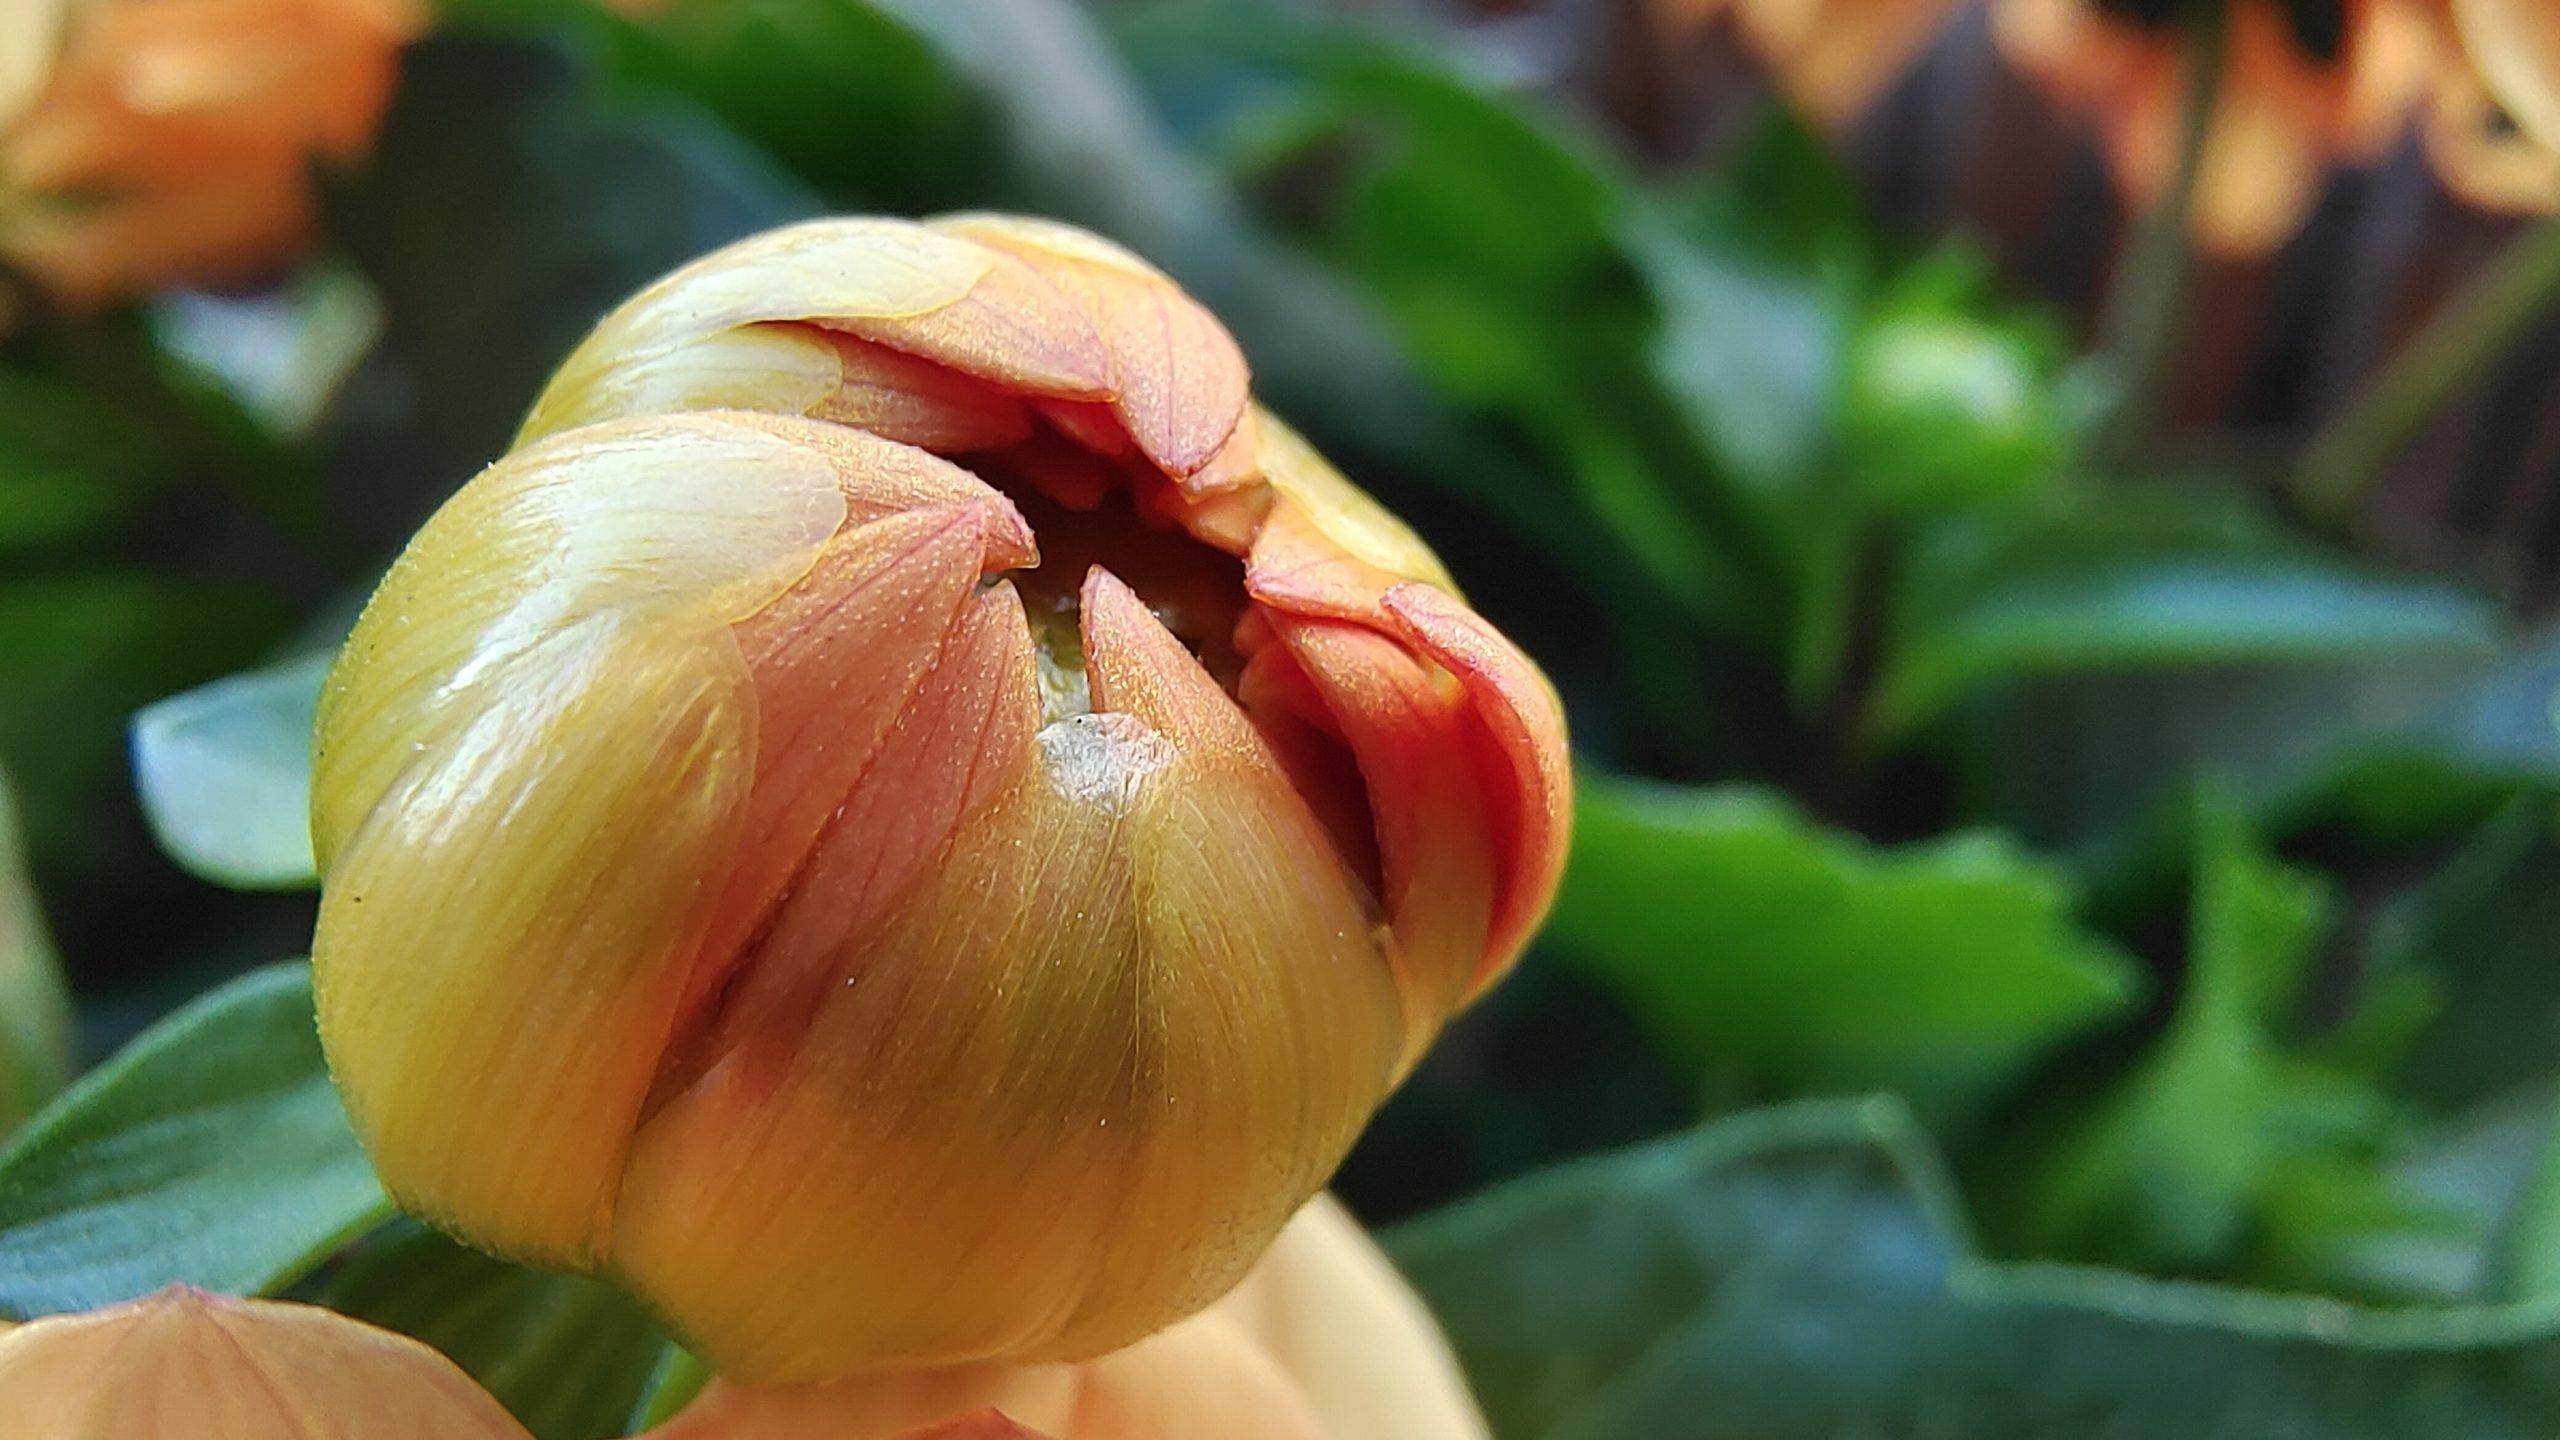 pak-kwiatu-vivo-x60-pro-5g-makro